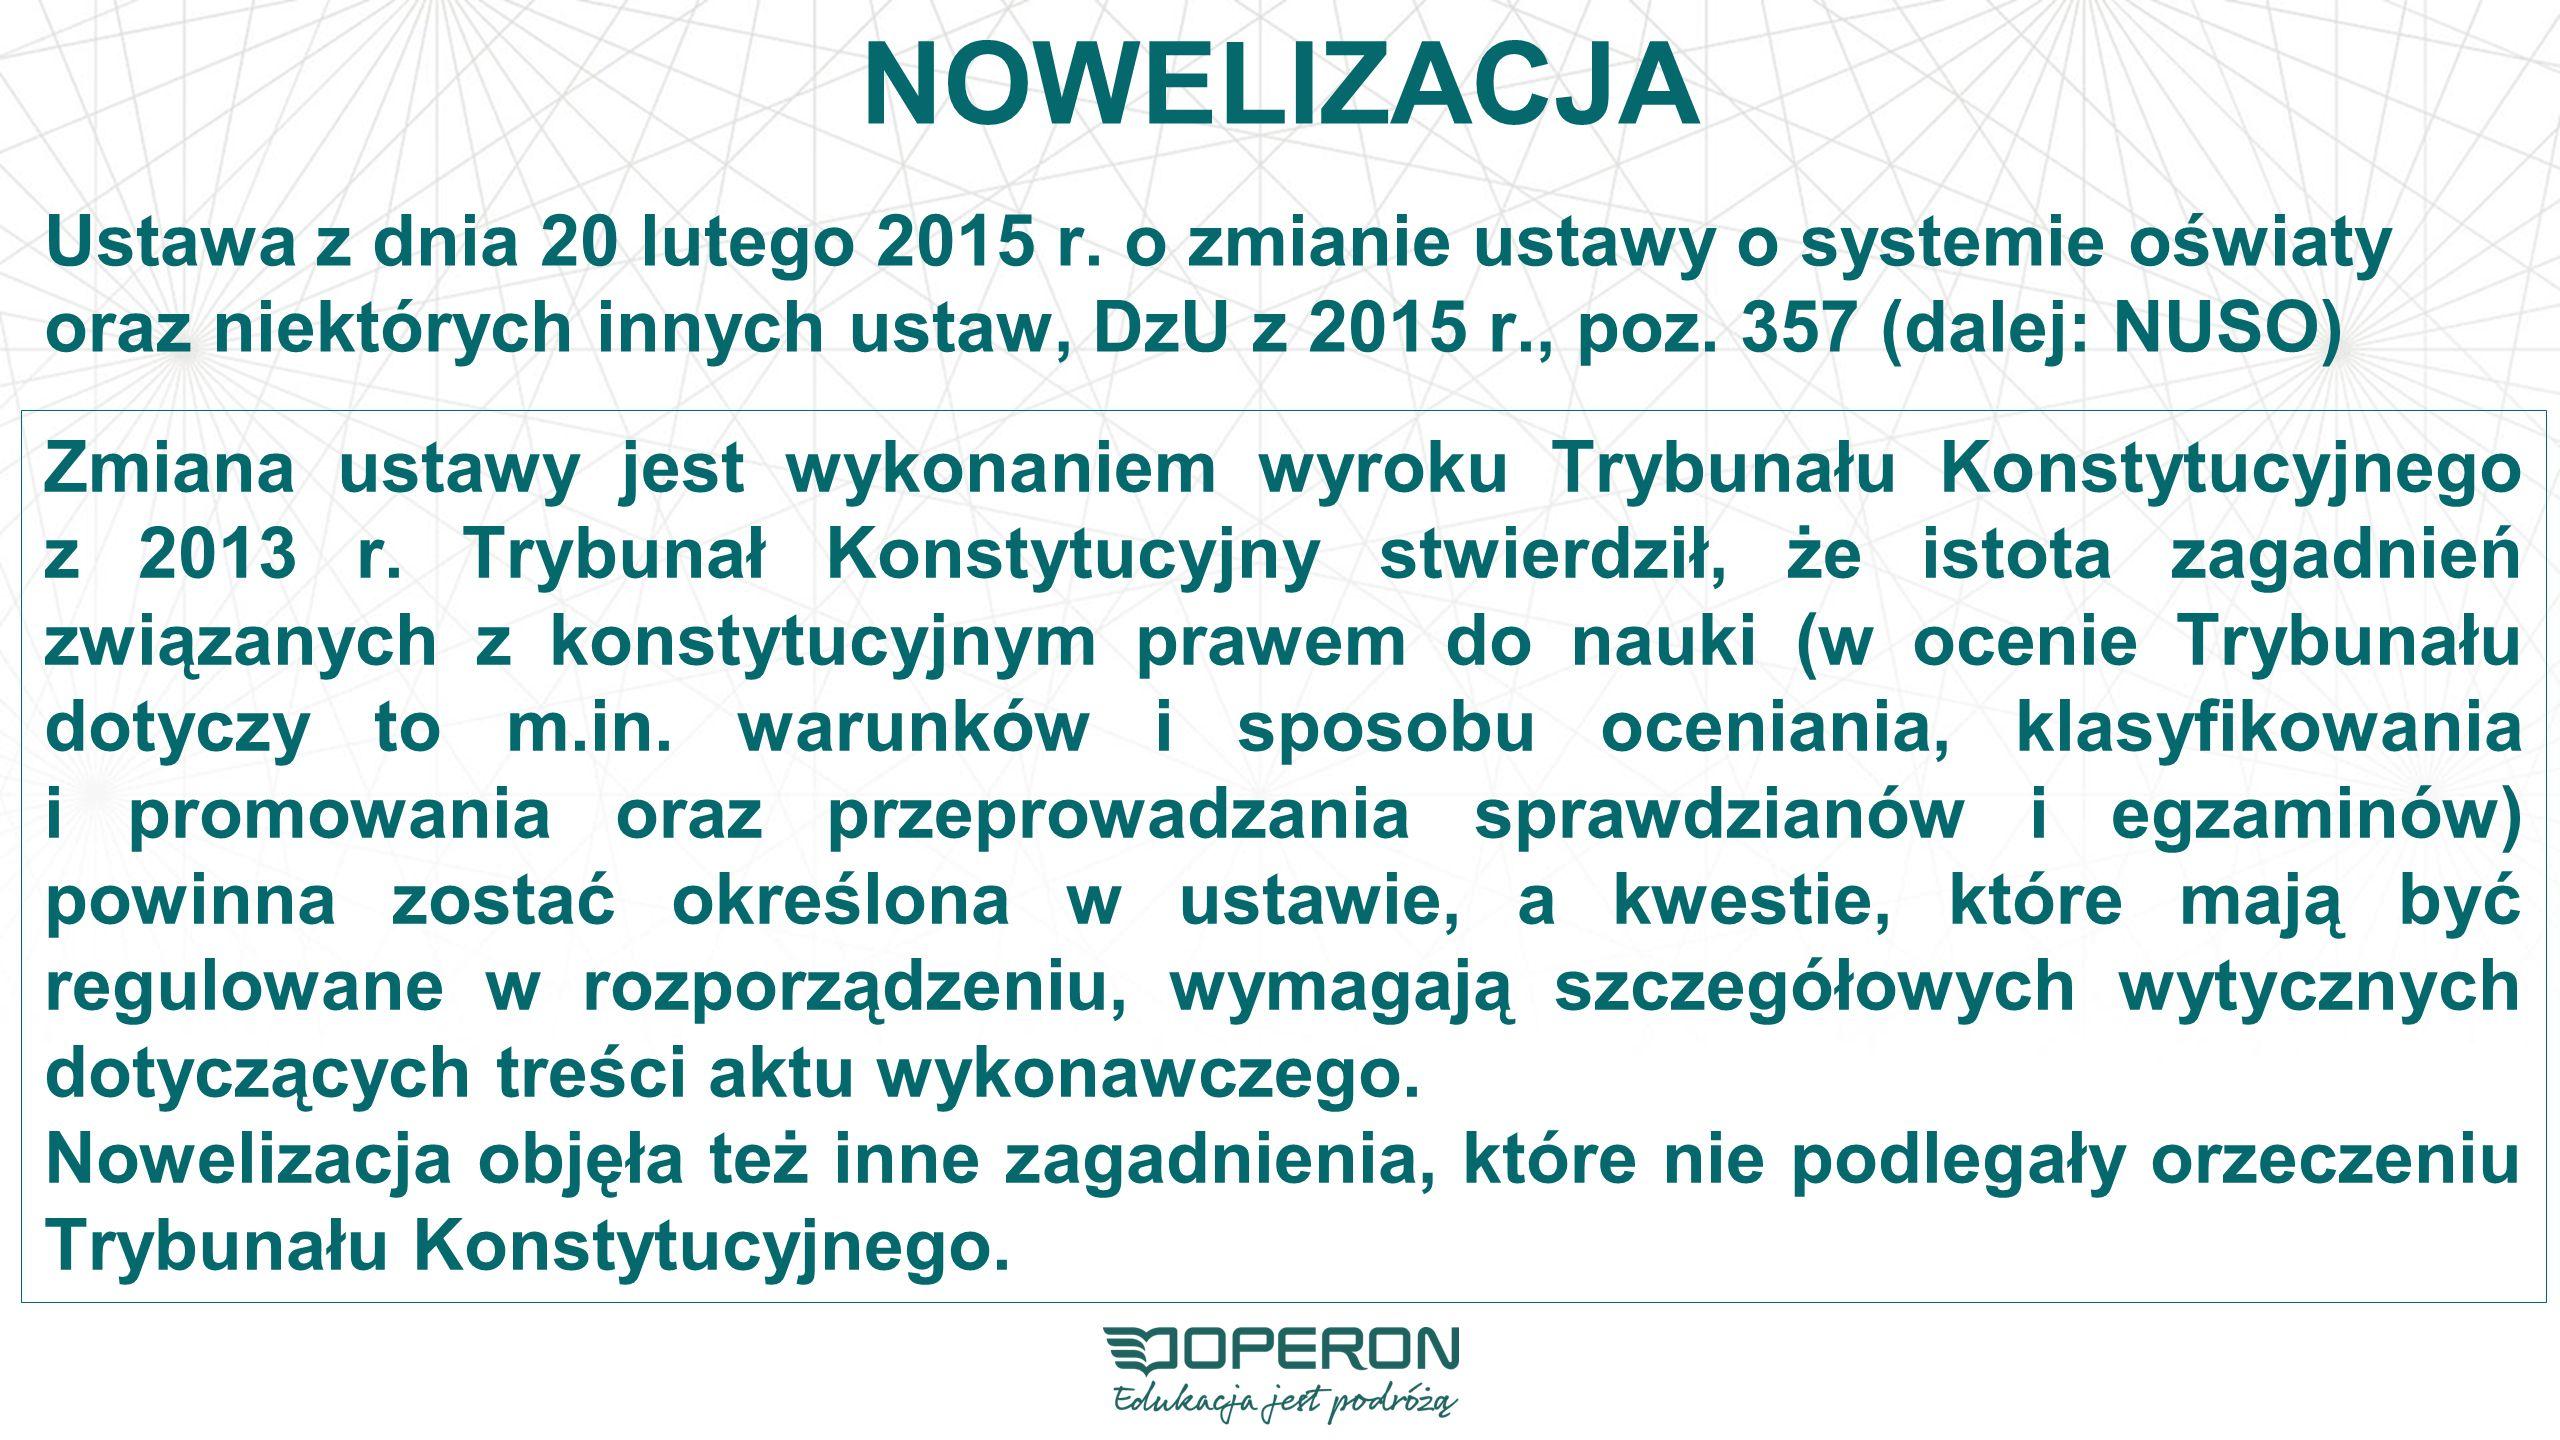 NOWELIZACJA Ustawa z dnia 20 lutego 2015 r. o zmianie ustawy o systemie oświaty. oraz niektórych innych ustaw, DzU z 2015 r., poz. 357 (dalej: NUSO)